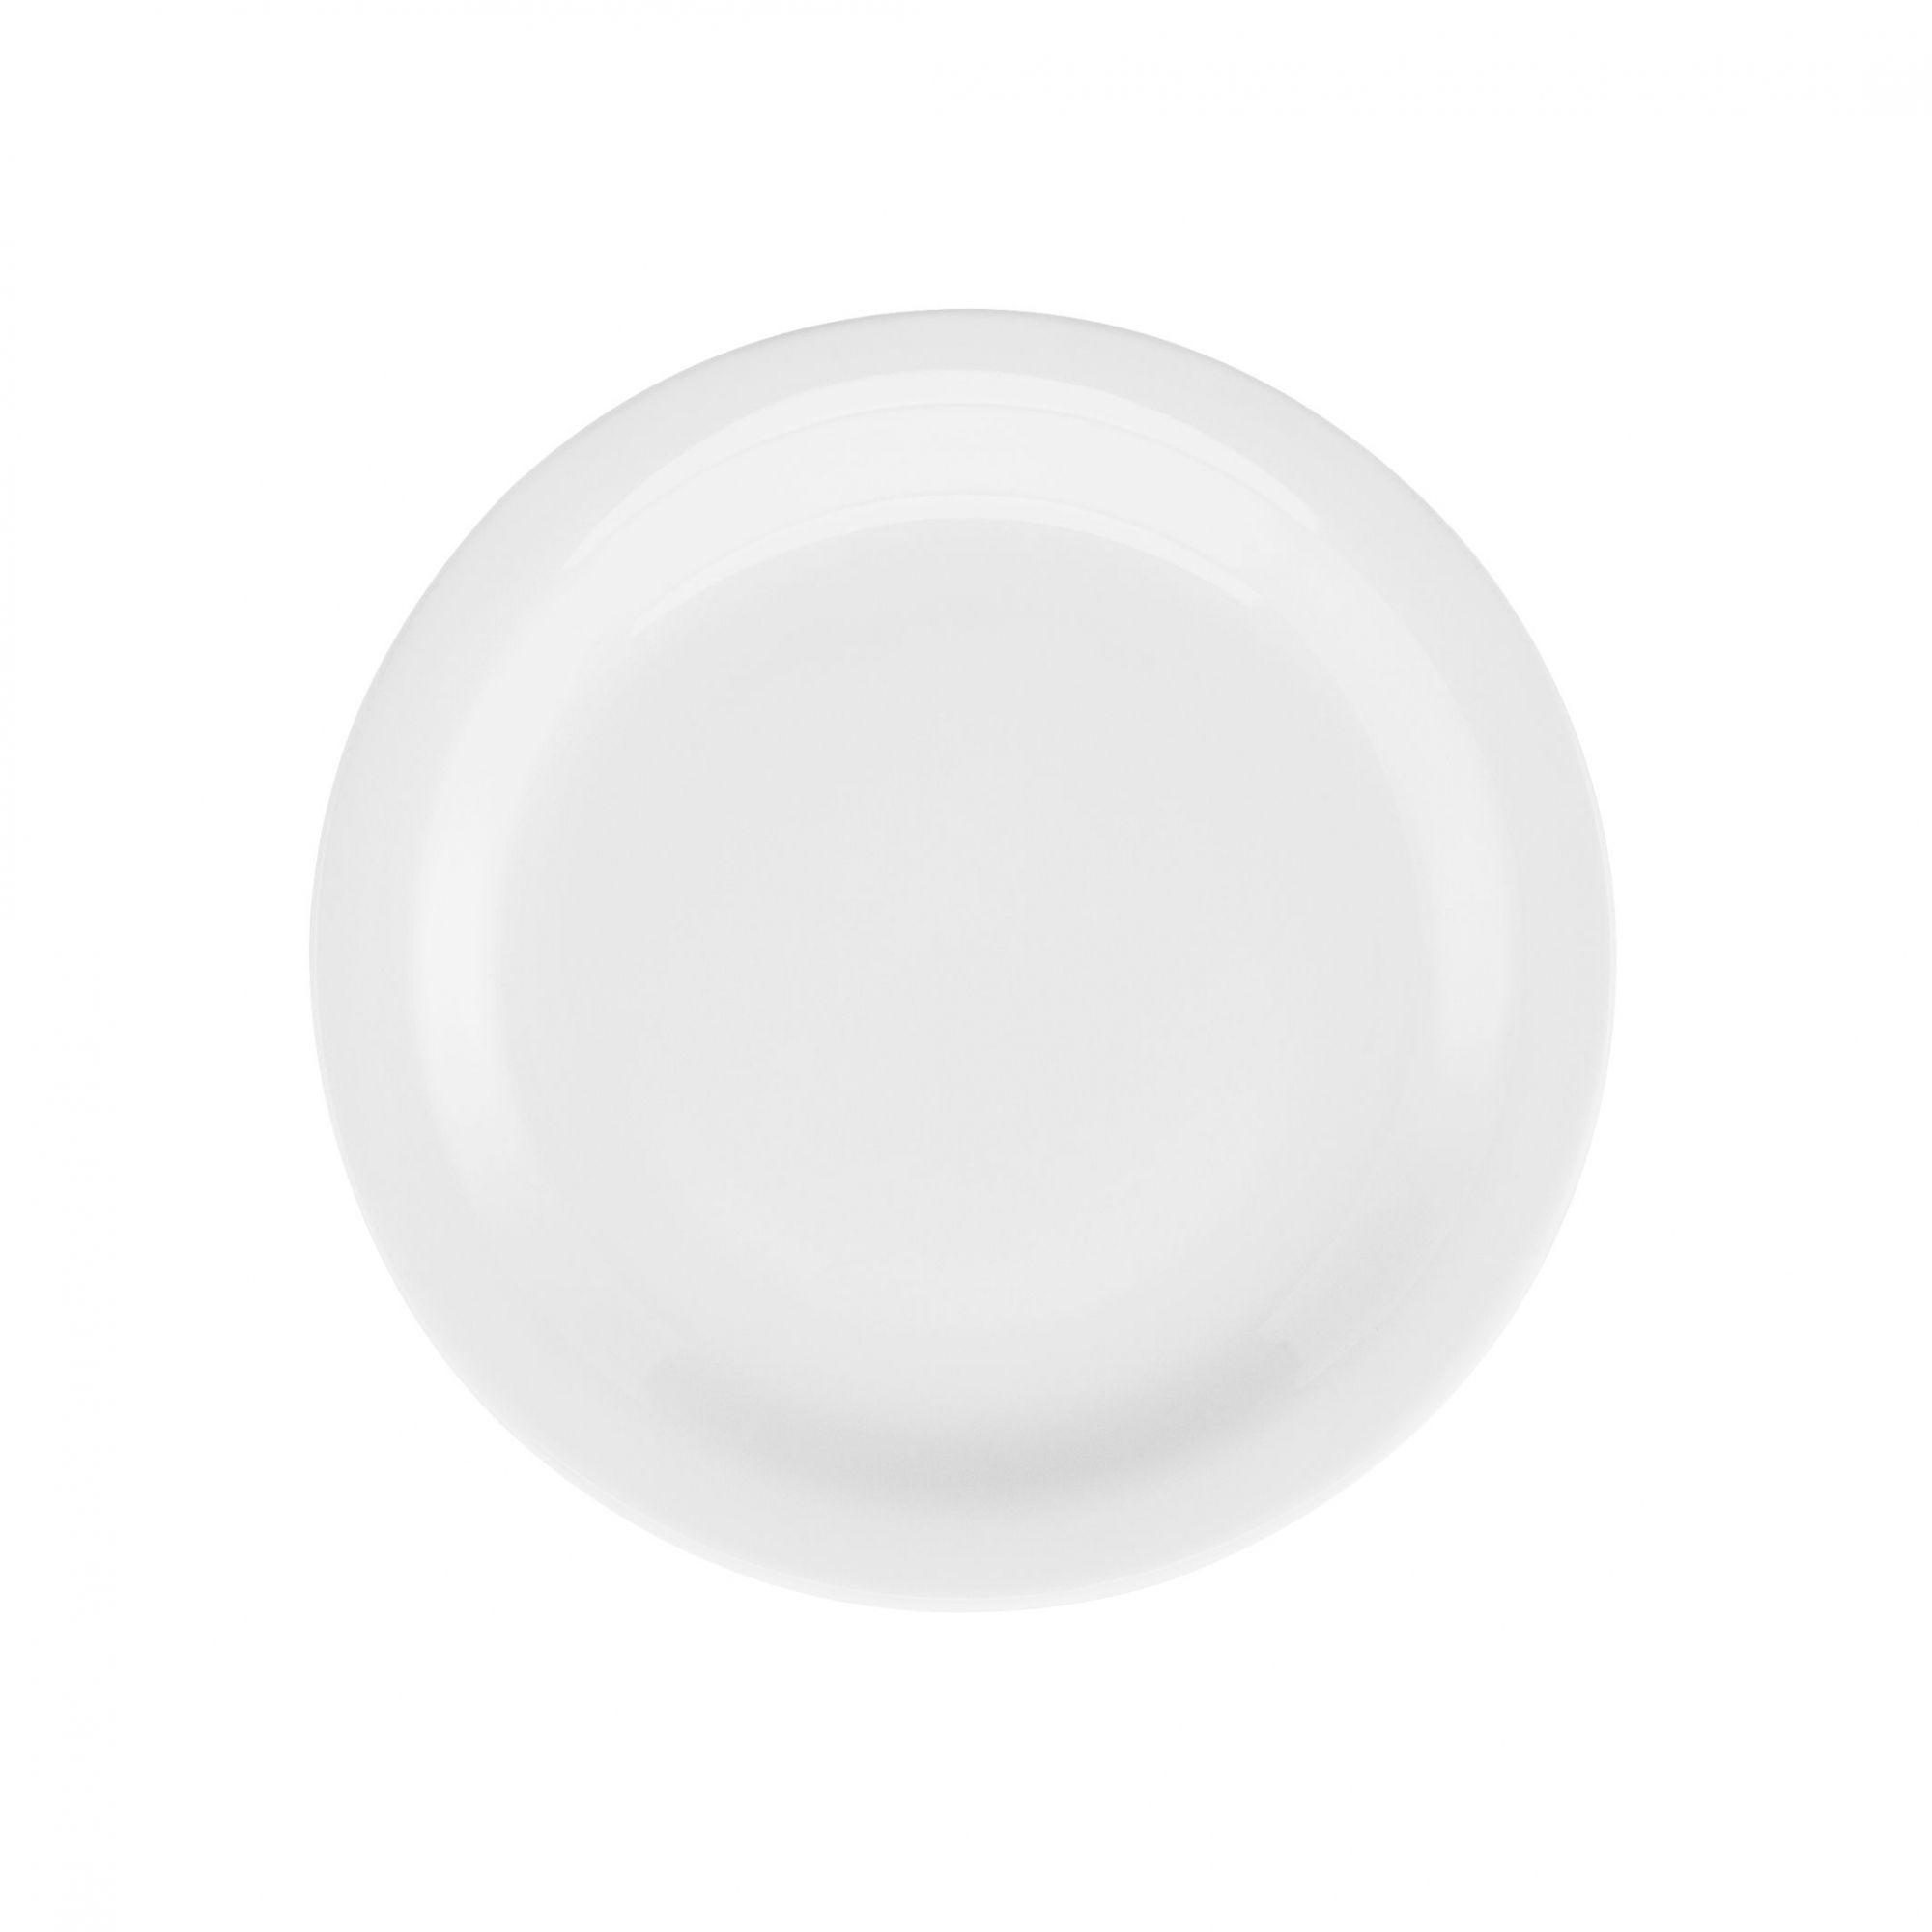 Prato Sobremesa 20 cm Gourmet Pró Branco